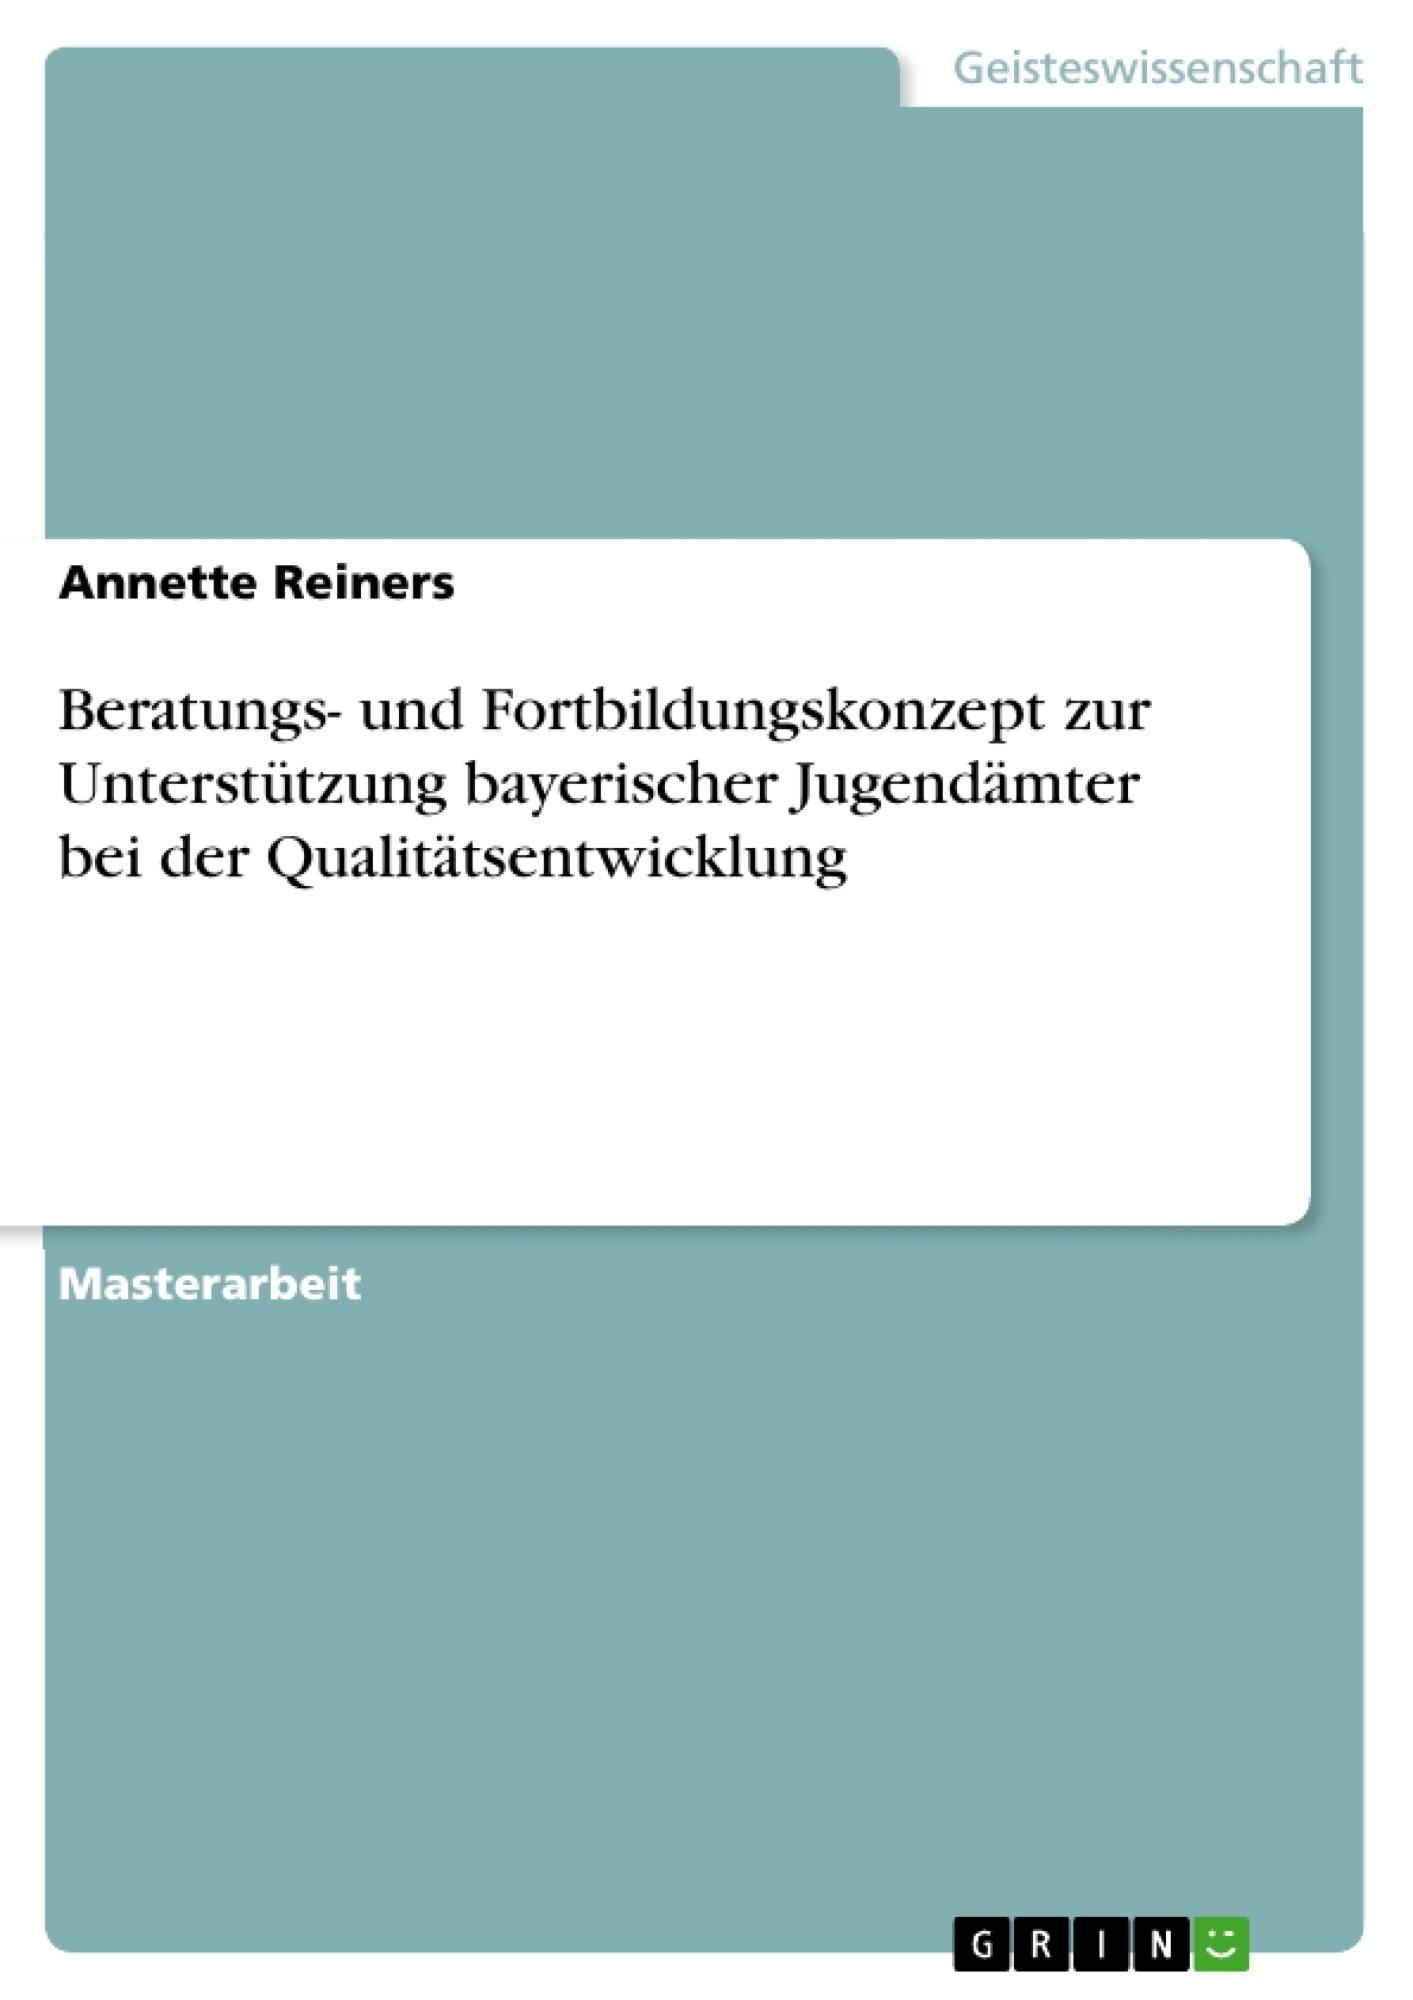 Titel: Beratungs- und Fortbildungskonzept zur Unterstützung bayerischer Jugendämter bei der Qualitätsentwicklung